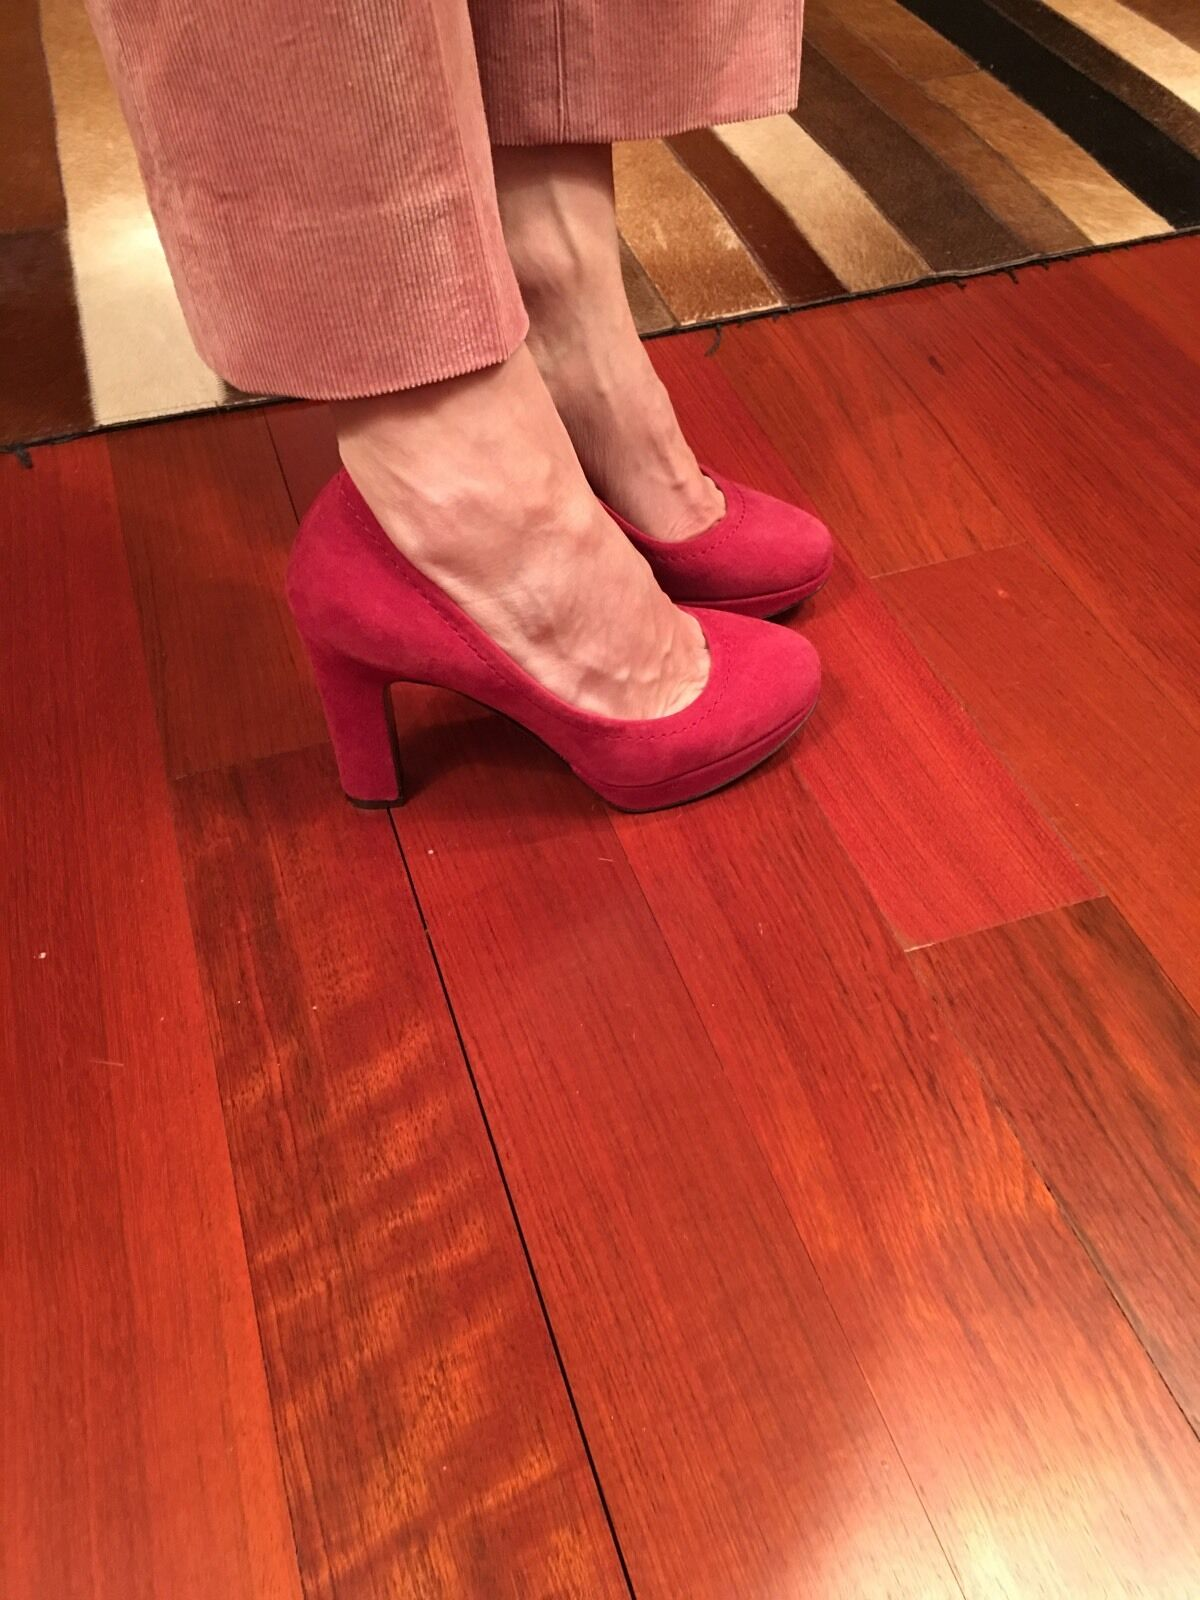 JCrew Coddington Suede Platform Pump Heels, 5.5, NEW